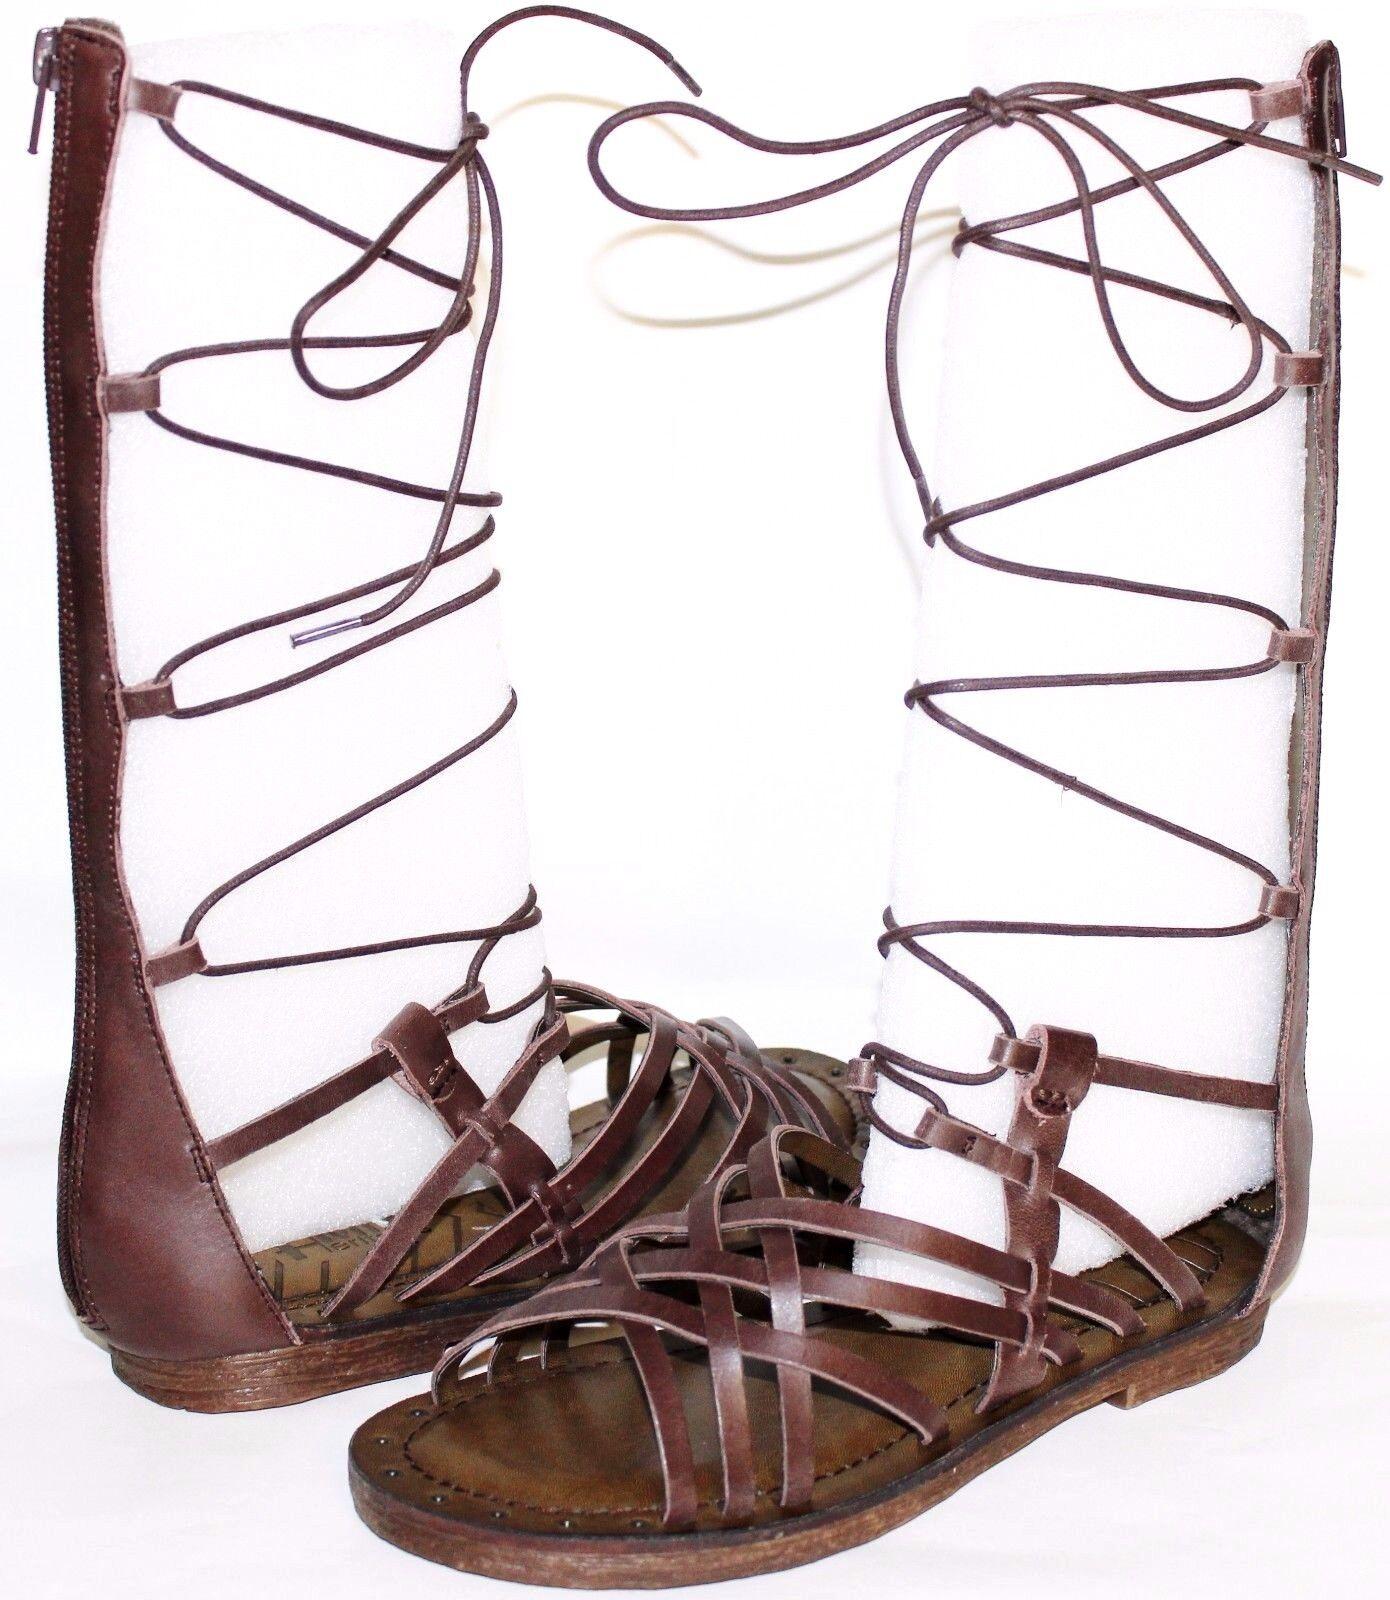 MIA Heritage Lenora Espresso Premium Leather Gladiator Sandals 7 M NEW  L@@K